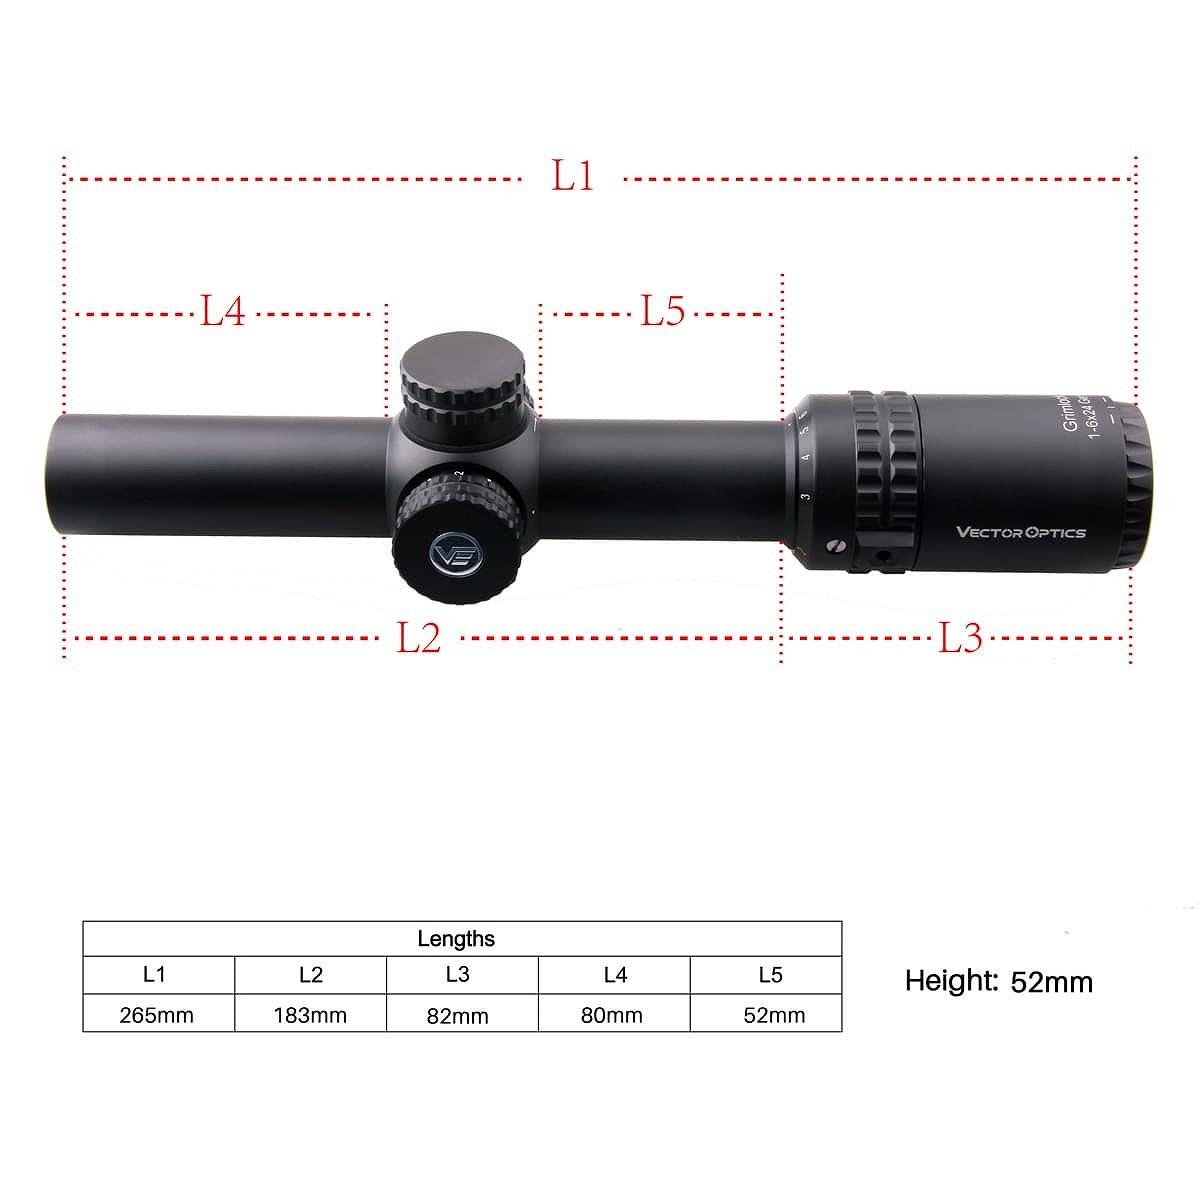 ベクターオプティクス ライフルスコープ Grimlock 1-6x24 GenII  Vector Optics SCOC-13II